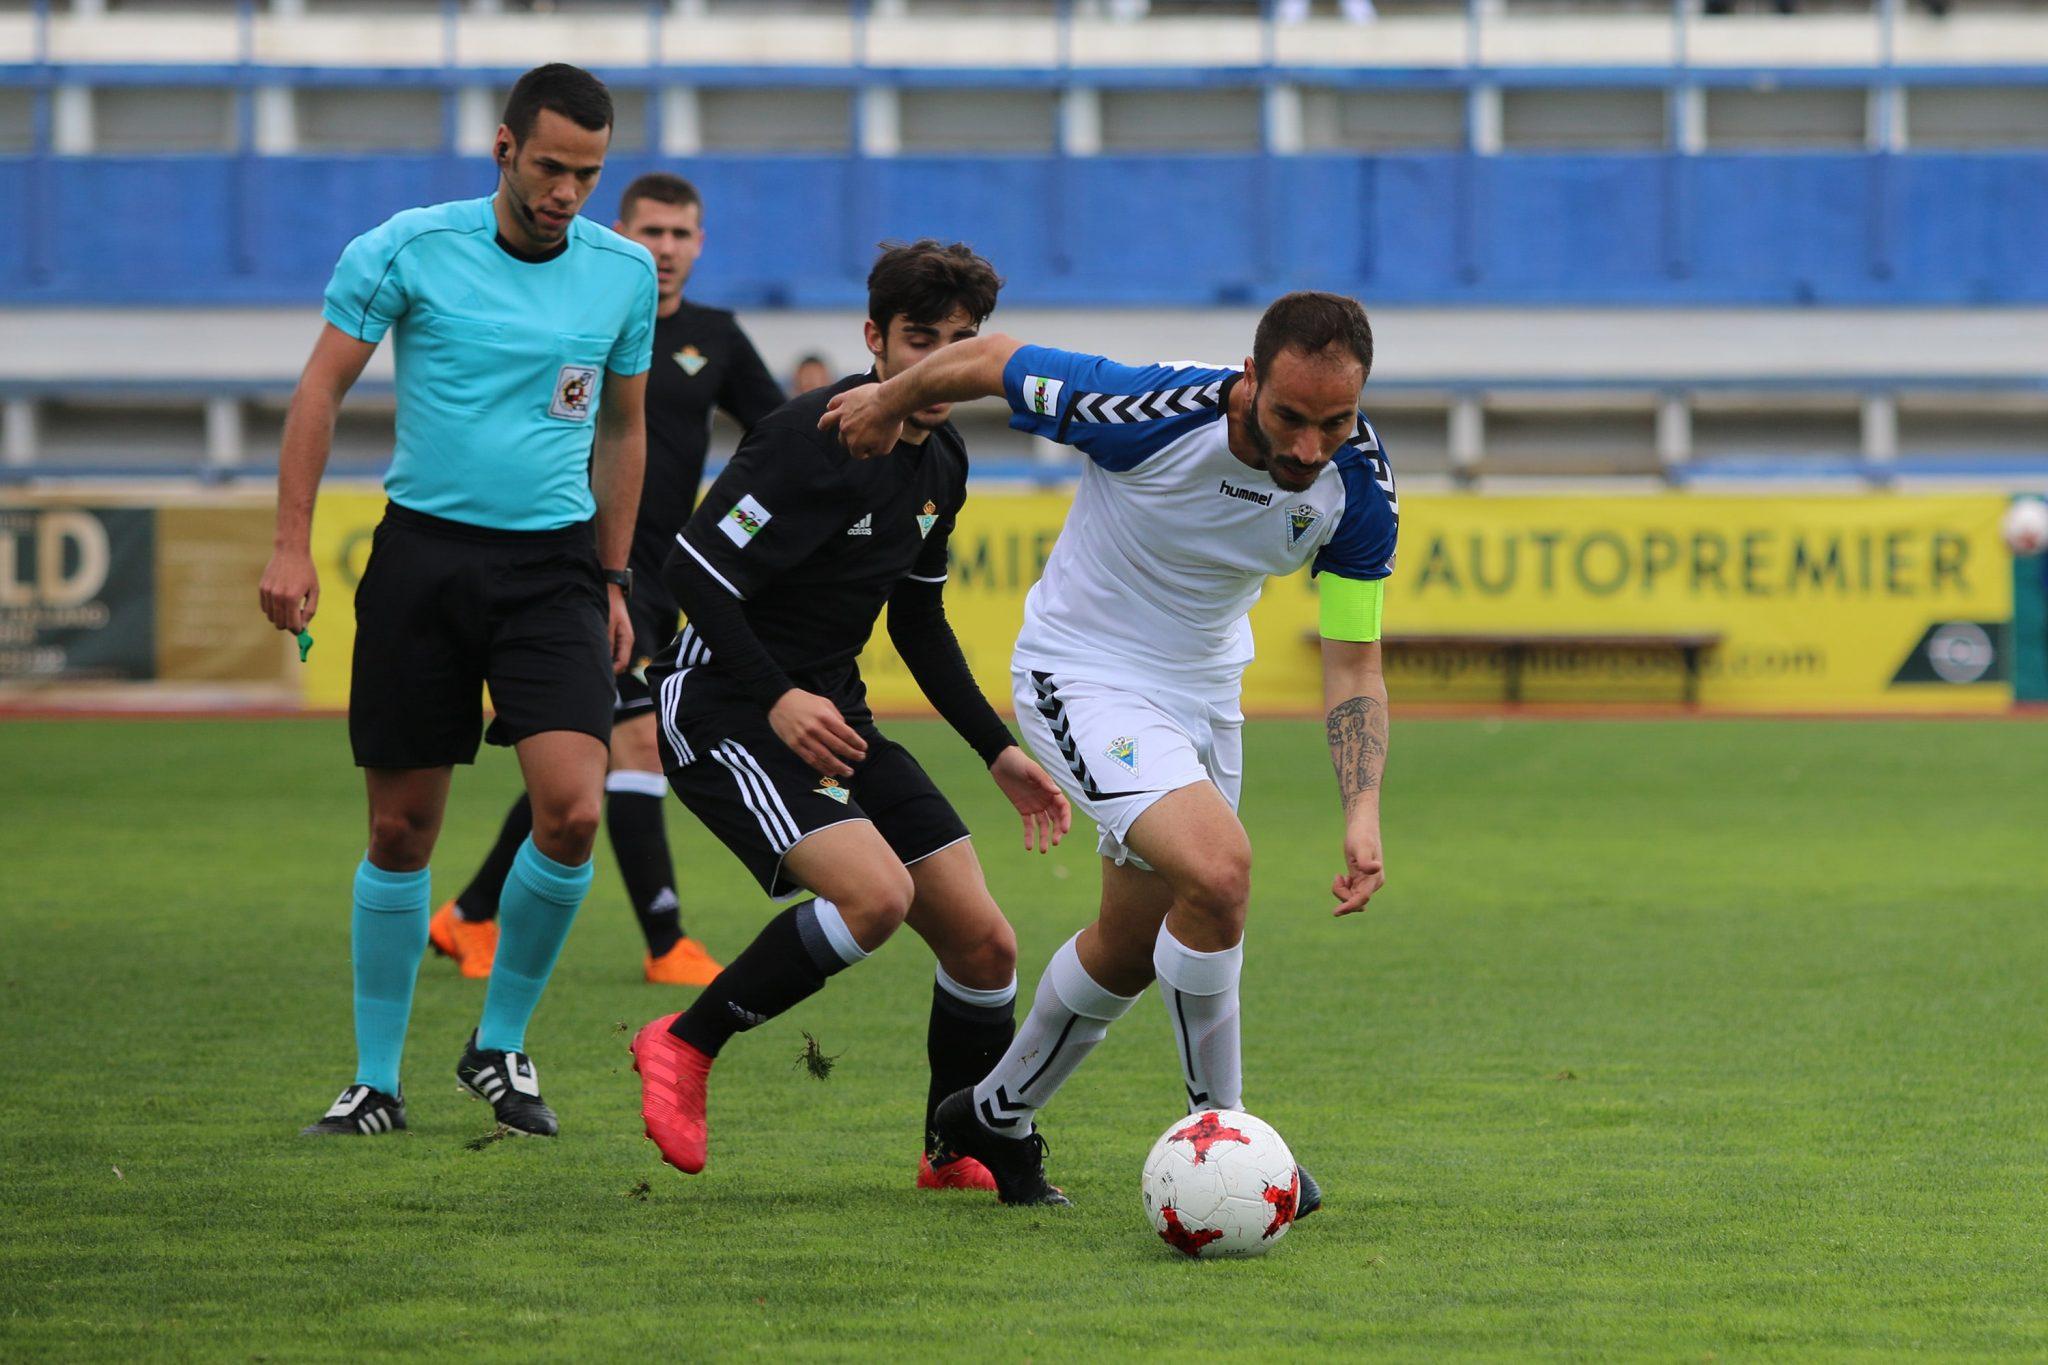 El Marbella FC se impone en casa al Betis Deportivo en un intenso partido (1-0)